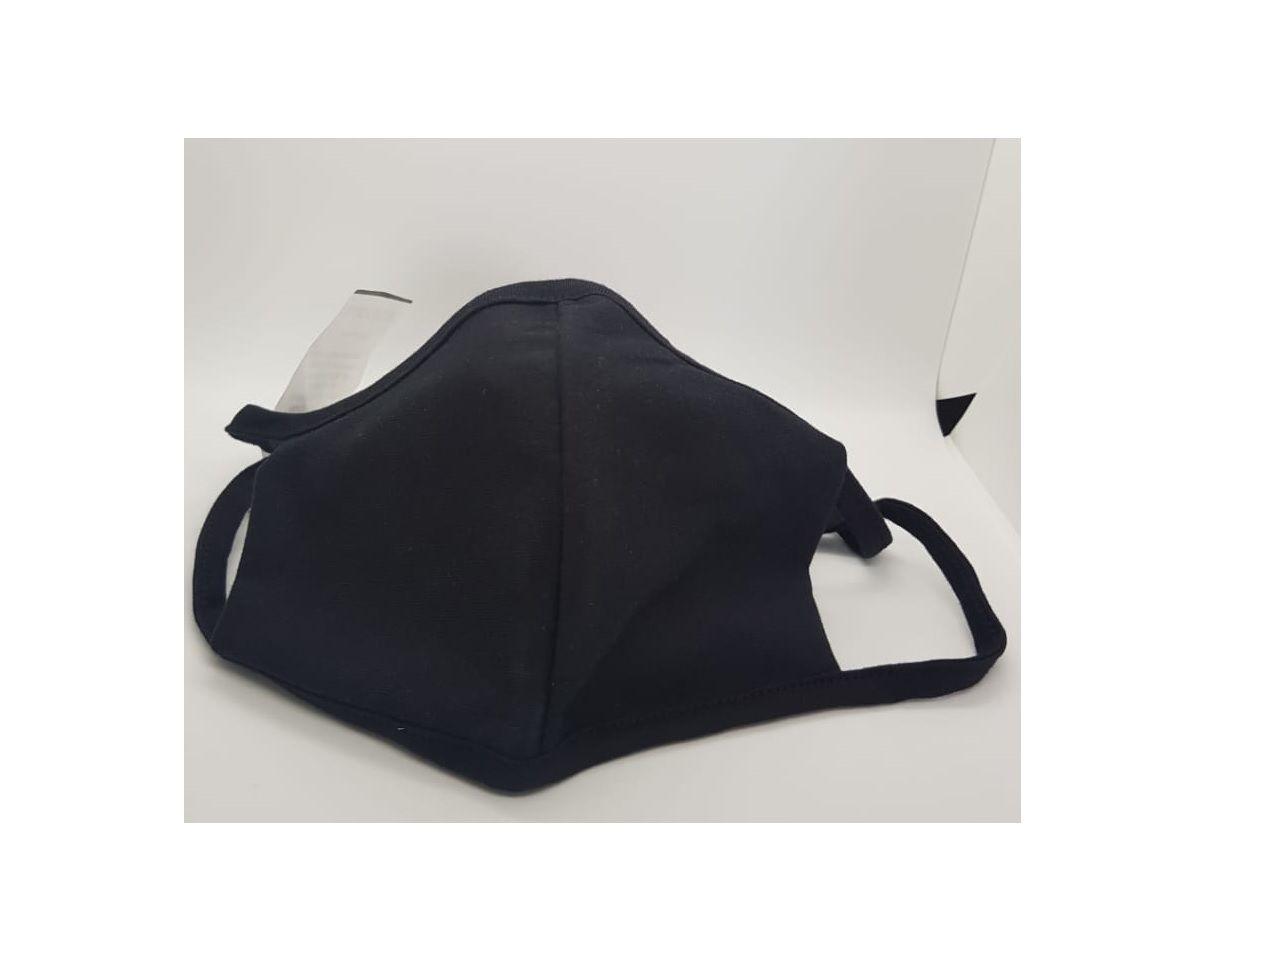 Kit 2 Mascara Tecido Lavável Alça Ajustavél Dupla Proteção Não Descartavel Preta